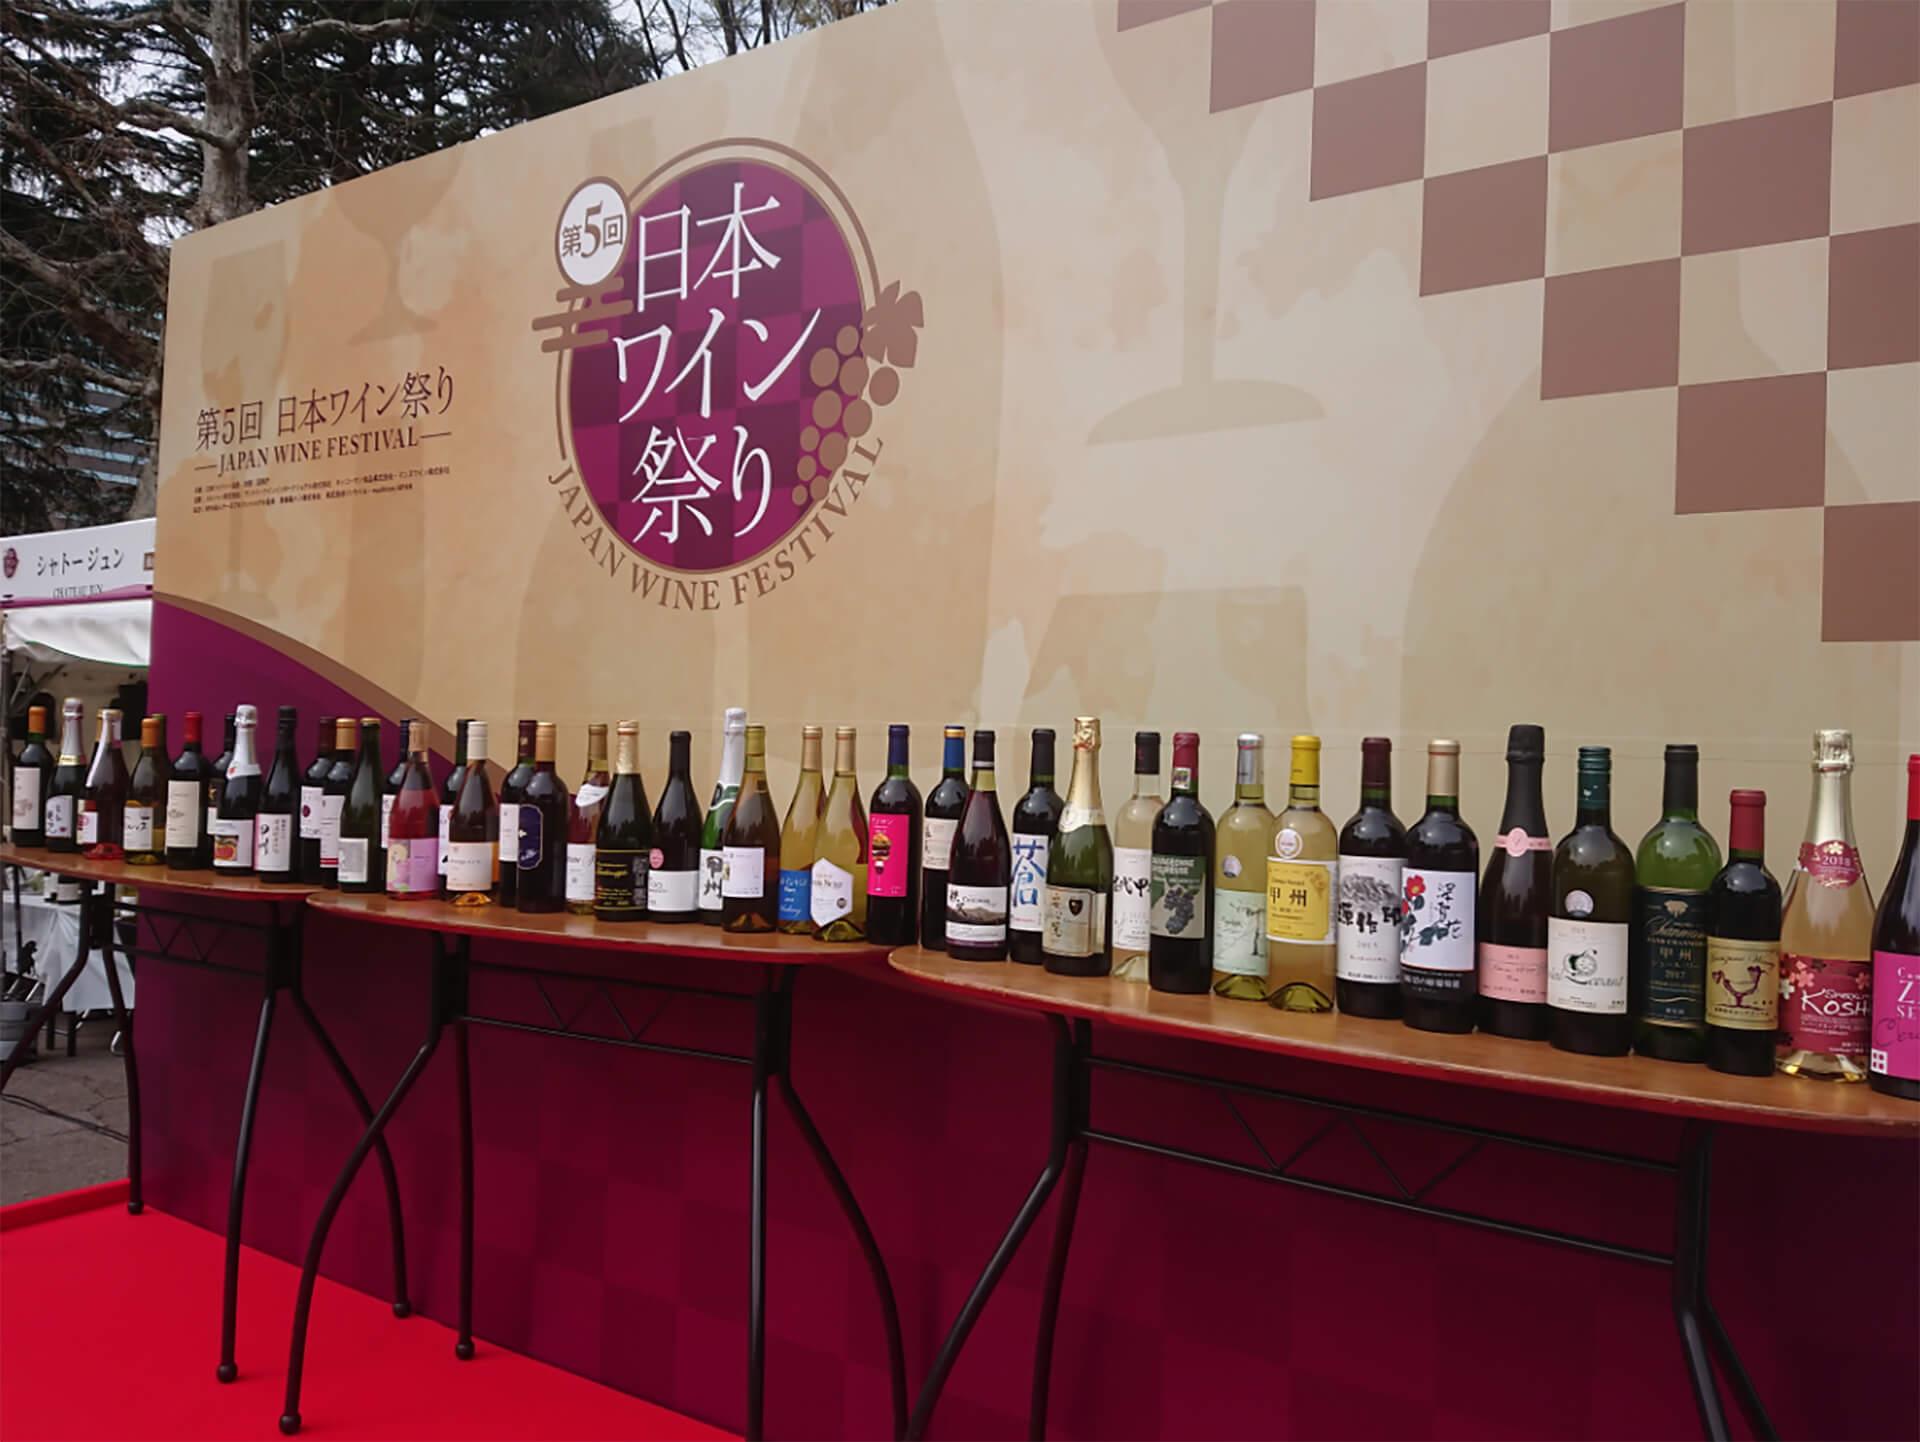 第6回 日本ワイン祭り ~JAPAN WINE FESTIVAL~会場風景